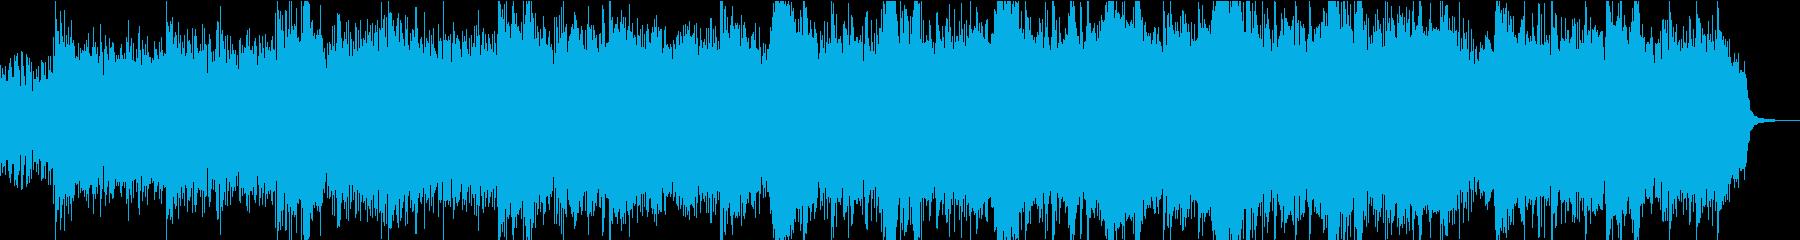 クラシック 交響曲 実験的な 広い...の再生済みの波形